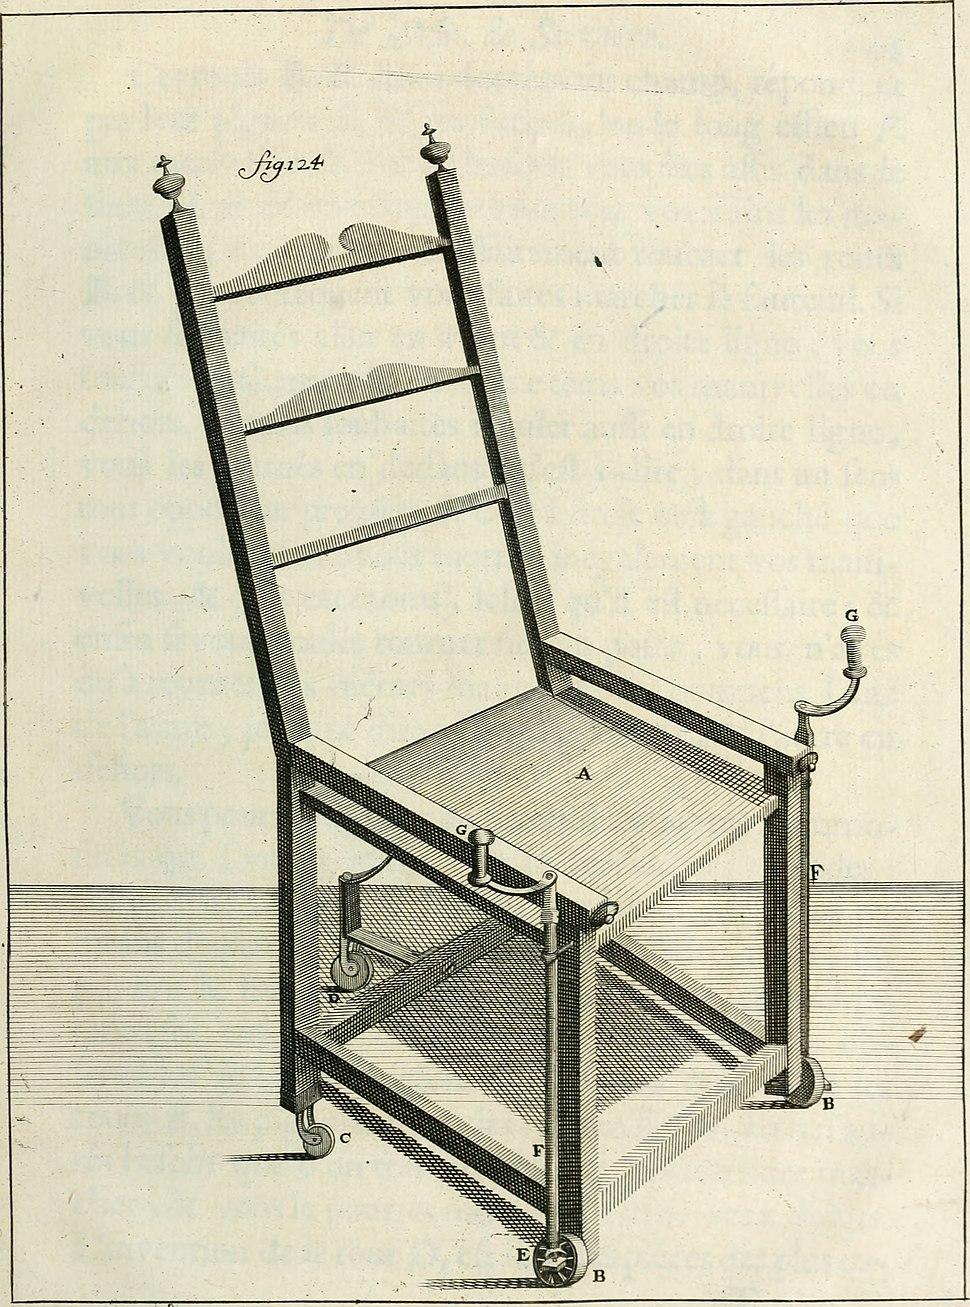 Recueil d'ouvrages curieux de mathematique et de mecanique; ou, Description du cabinet de monsieur Grollier de Serviere. Avec près de 100 planches en taille-douce (1751) (14773595462)